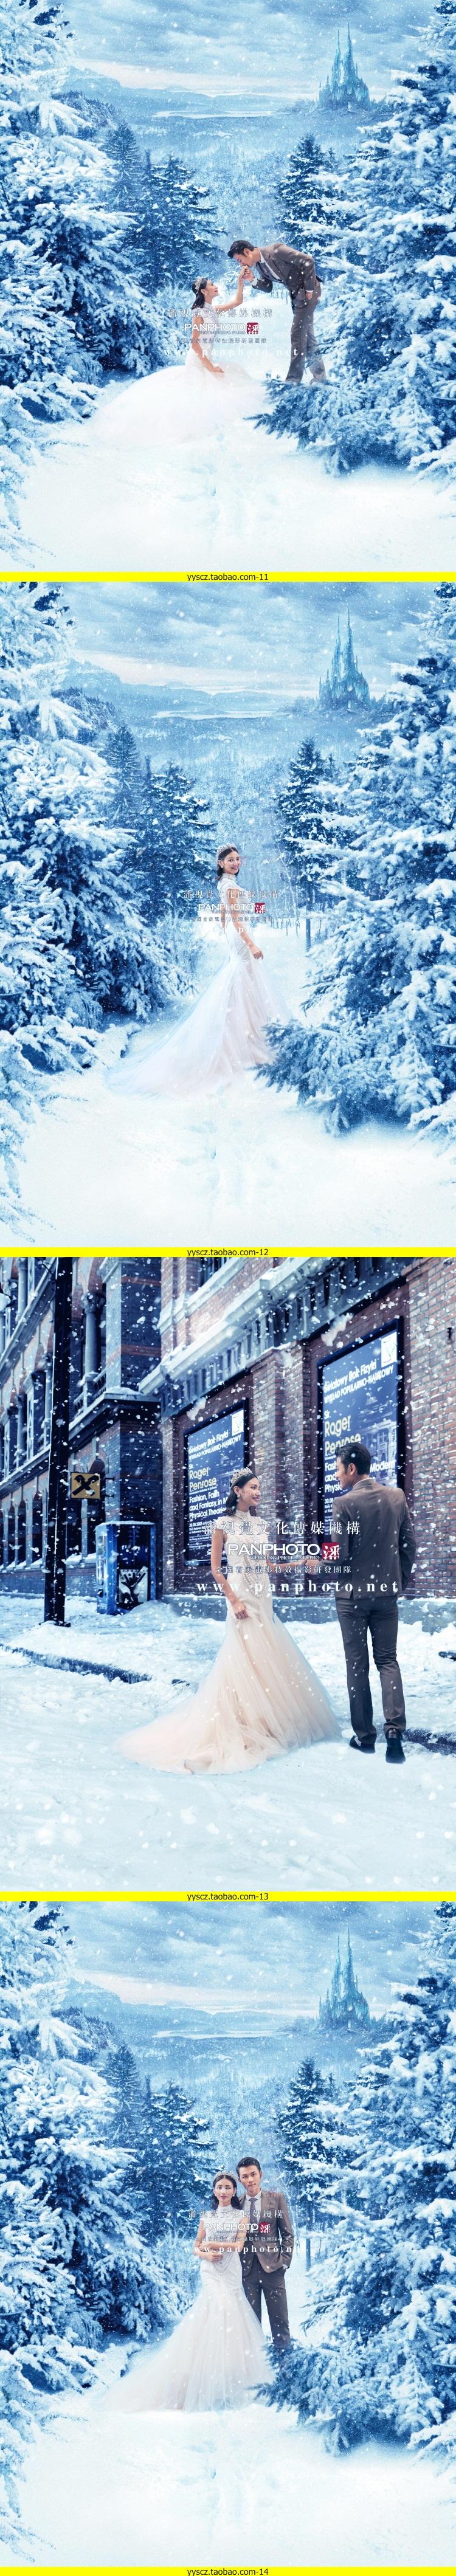 奇幻唯美冰雪奇缘4D换背景单片PSD模版摄影后期排版修片设计素材